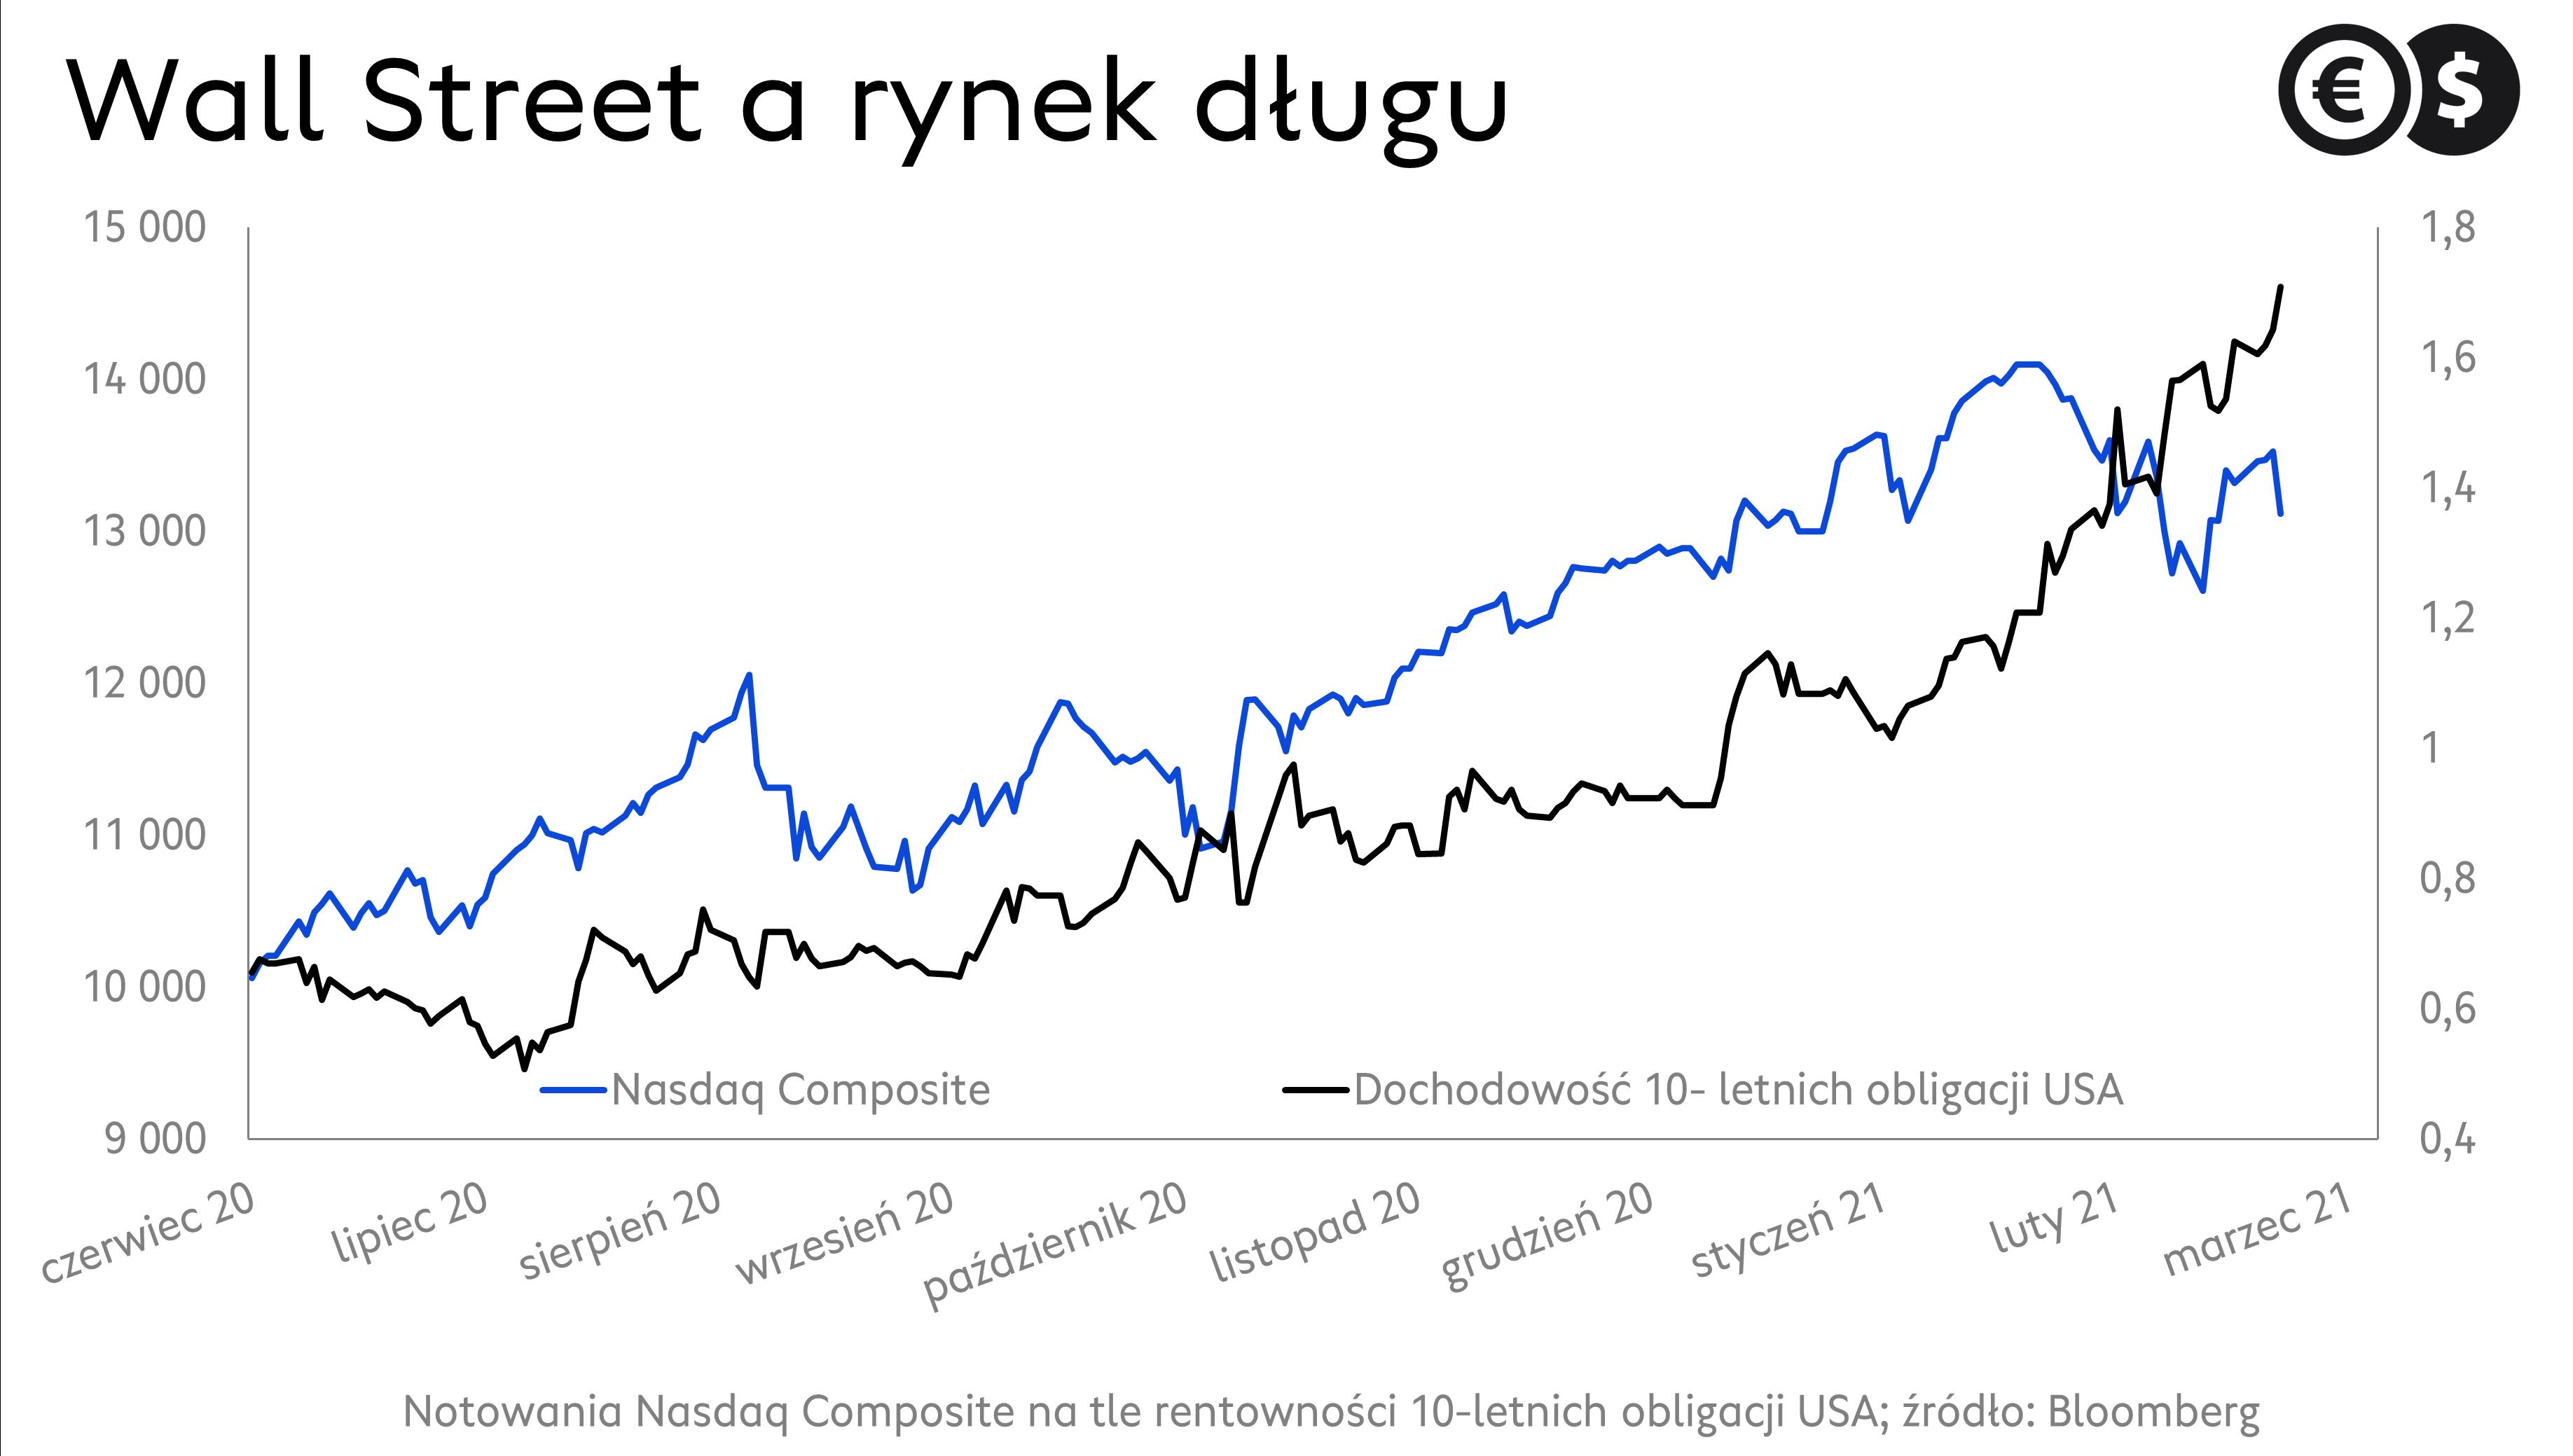 Rynek długu, wykres rentowności 10-letnich obligacji USA i Nasdaq Composite; żródło: Bloomberg